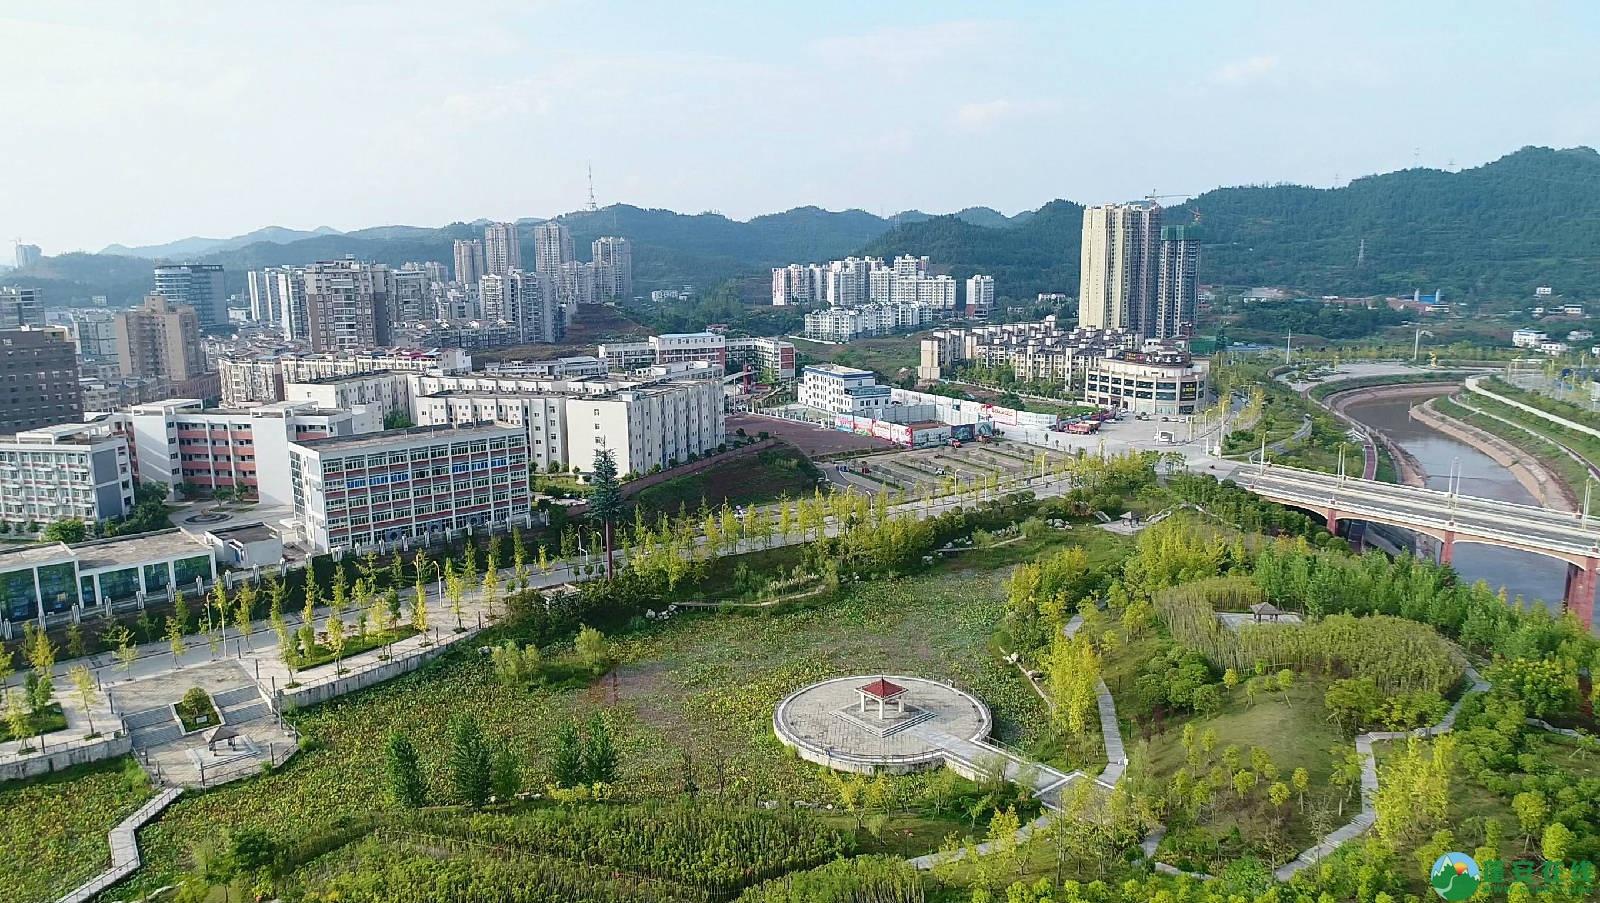 蓬安滨河新城新相貌 - 第9张  | 蓬安在线